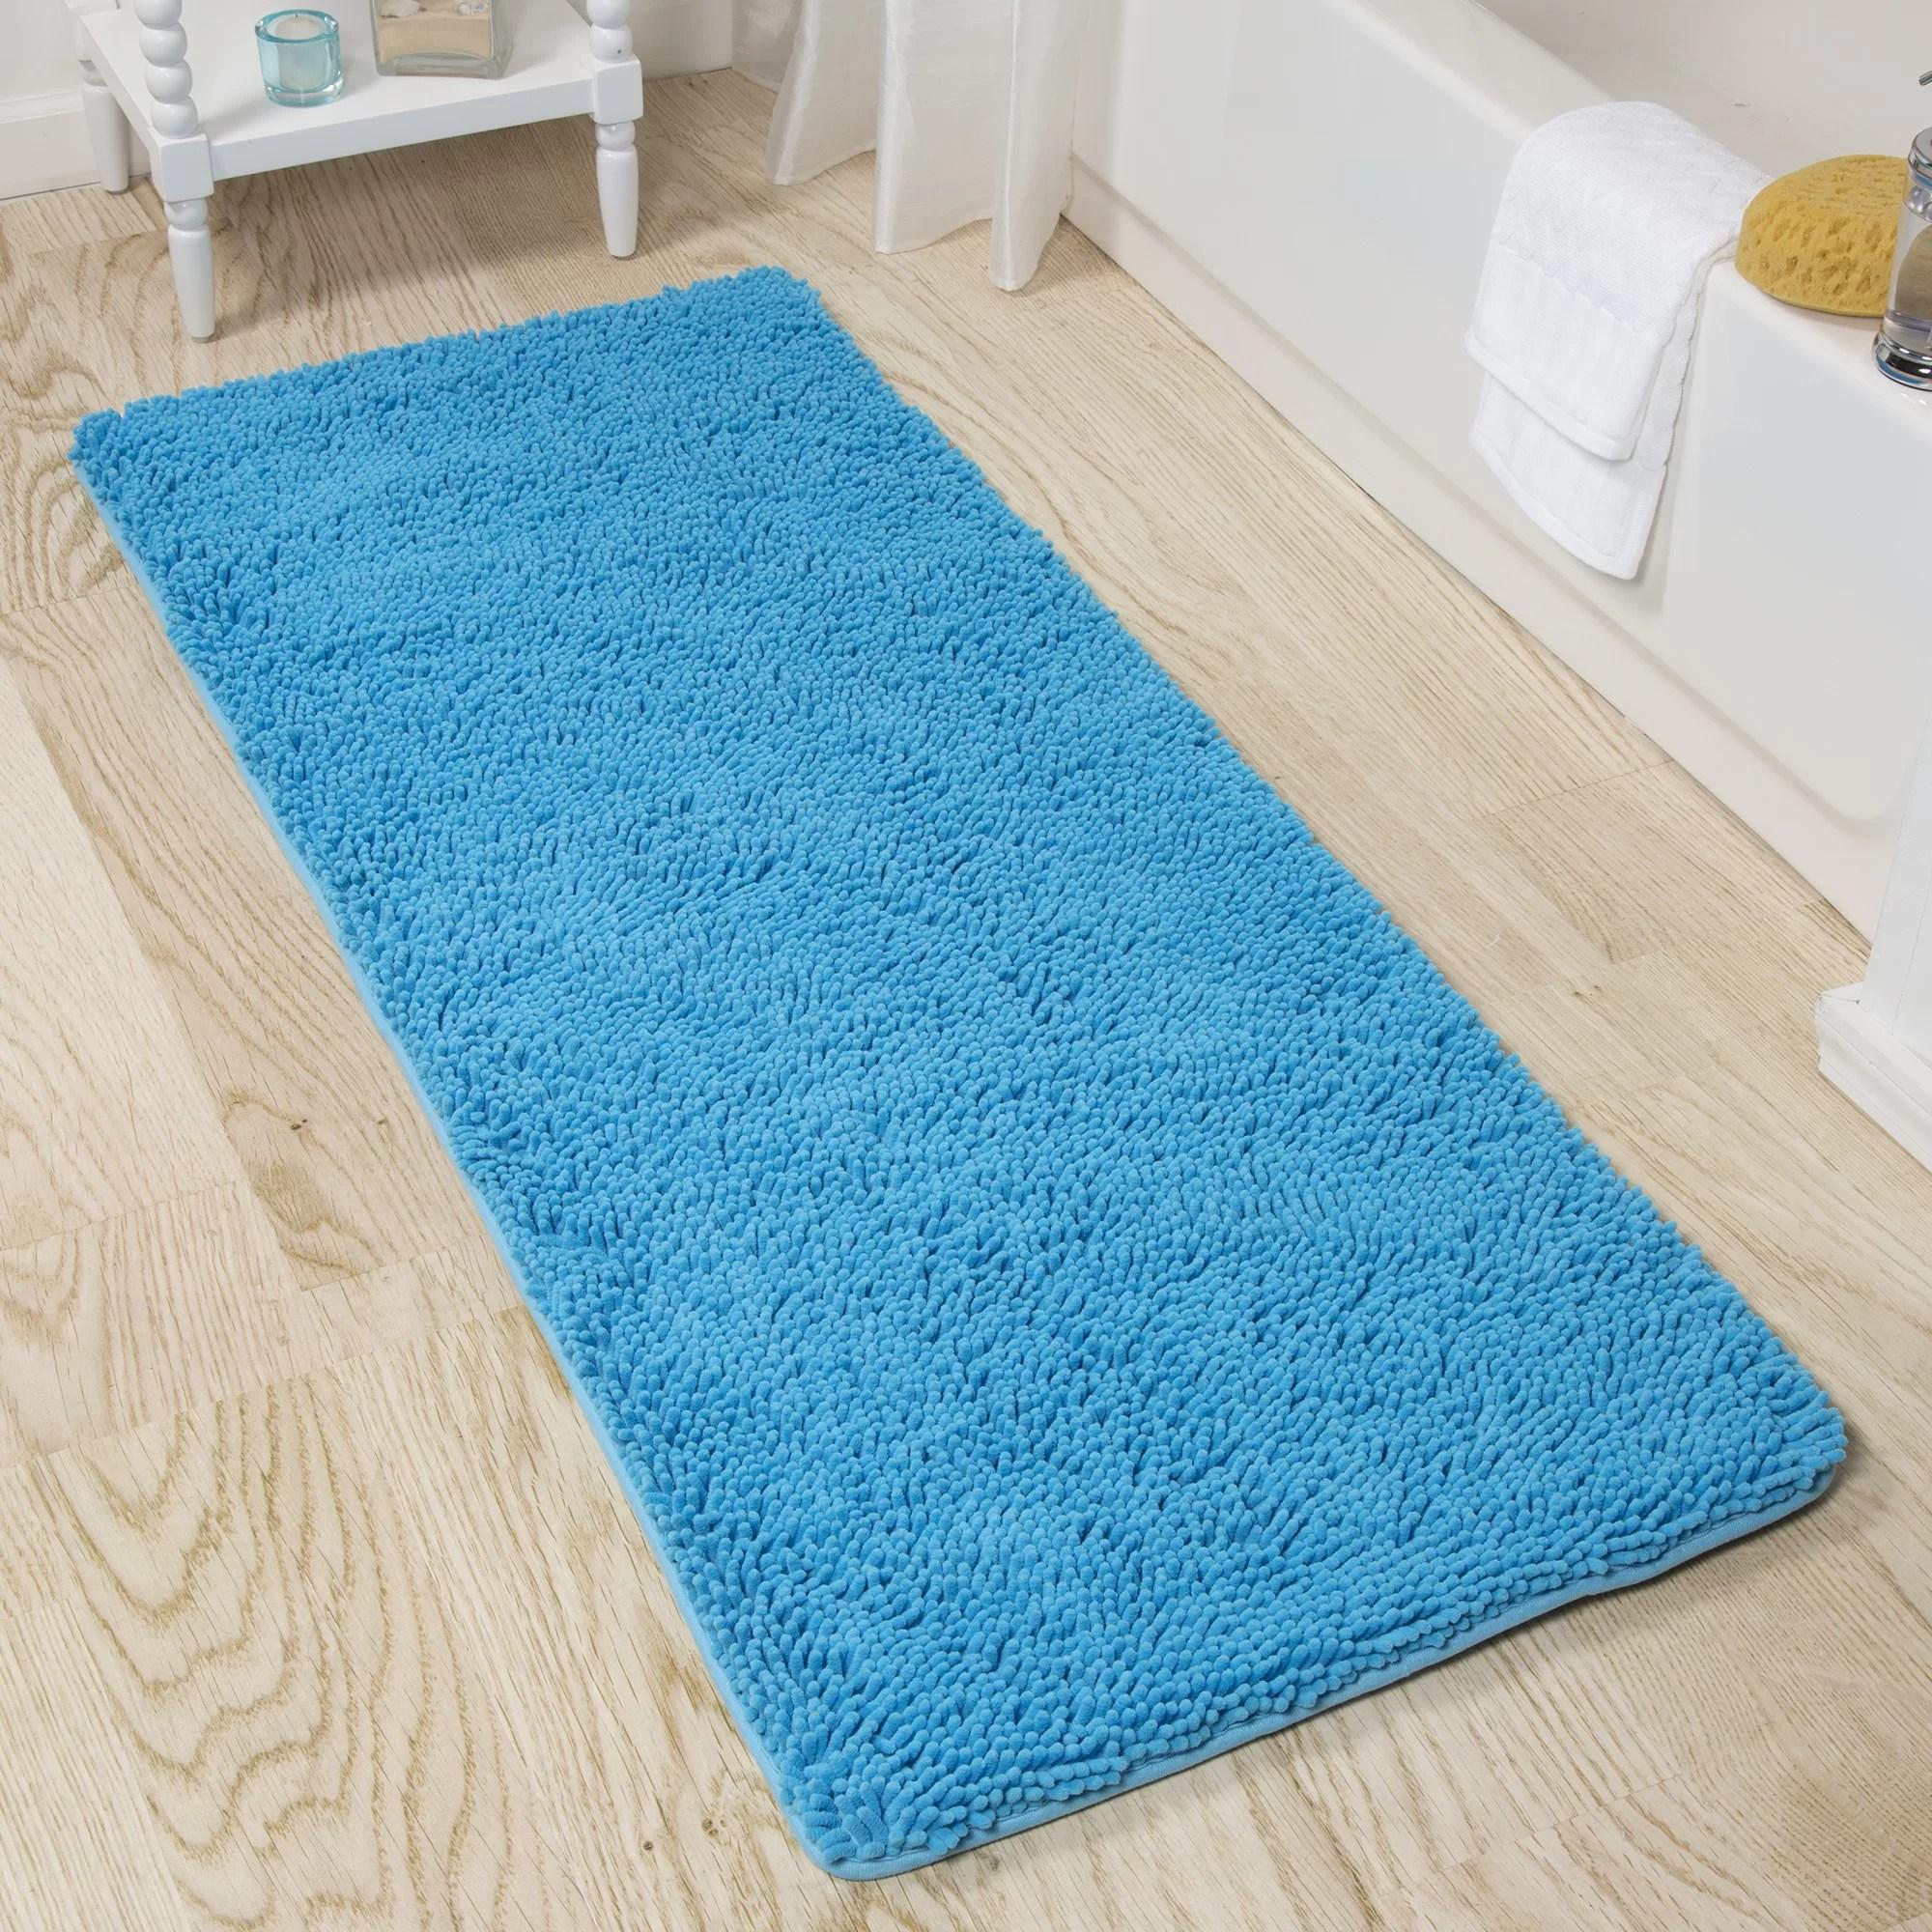 Lavish Home Bath Mat  Reviews  Wayfair